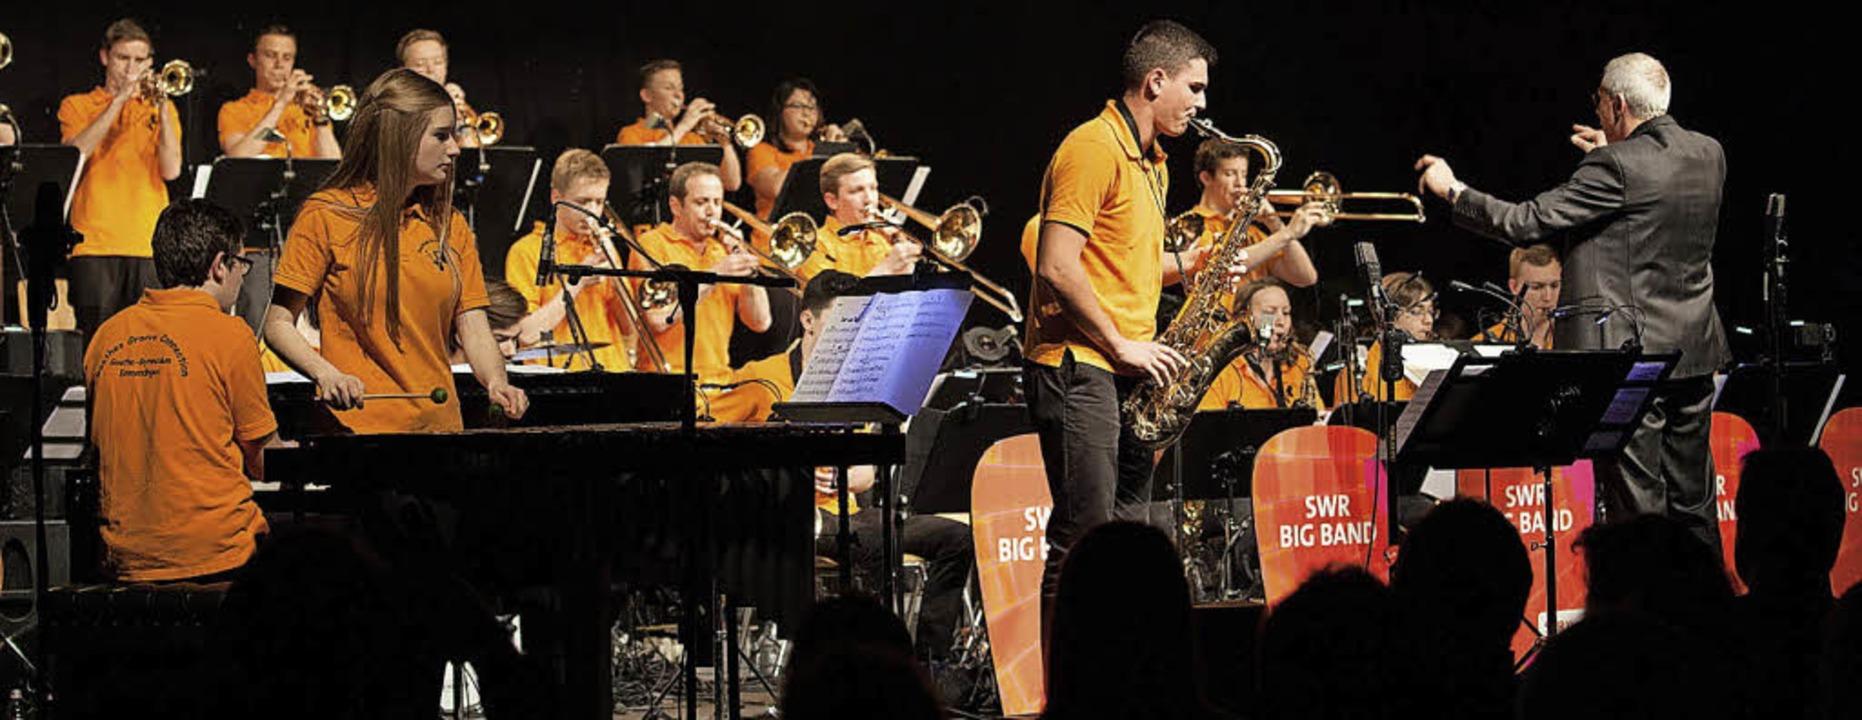 Goethes Groove Connection ist längst e...e vor einem Jahr mit der SWR-Bigband.   | Foto: Goethe-Gymnasium